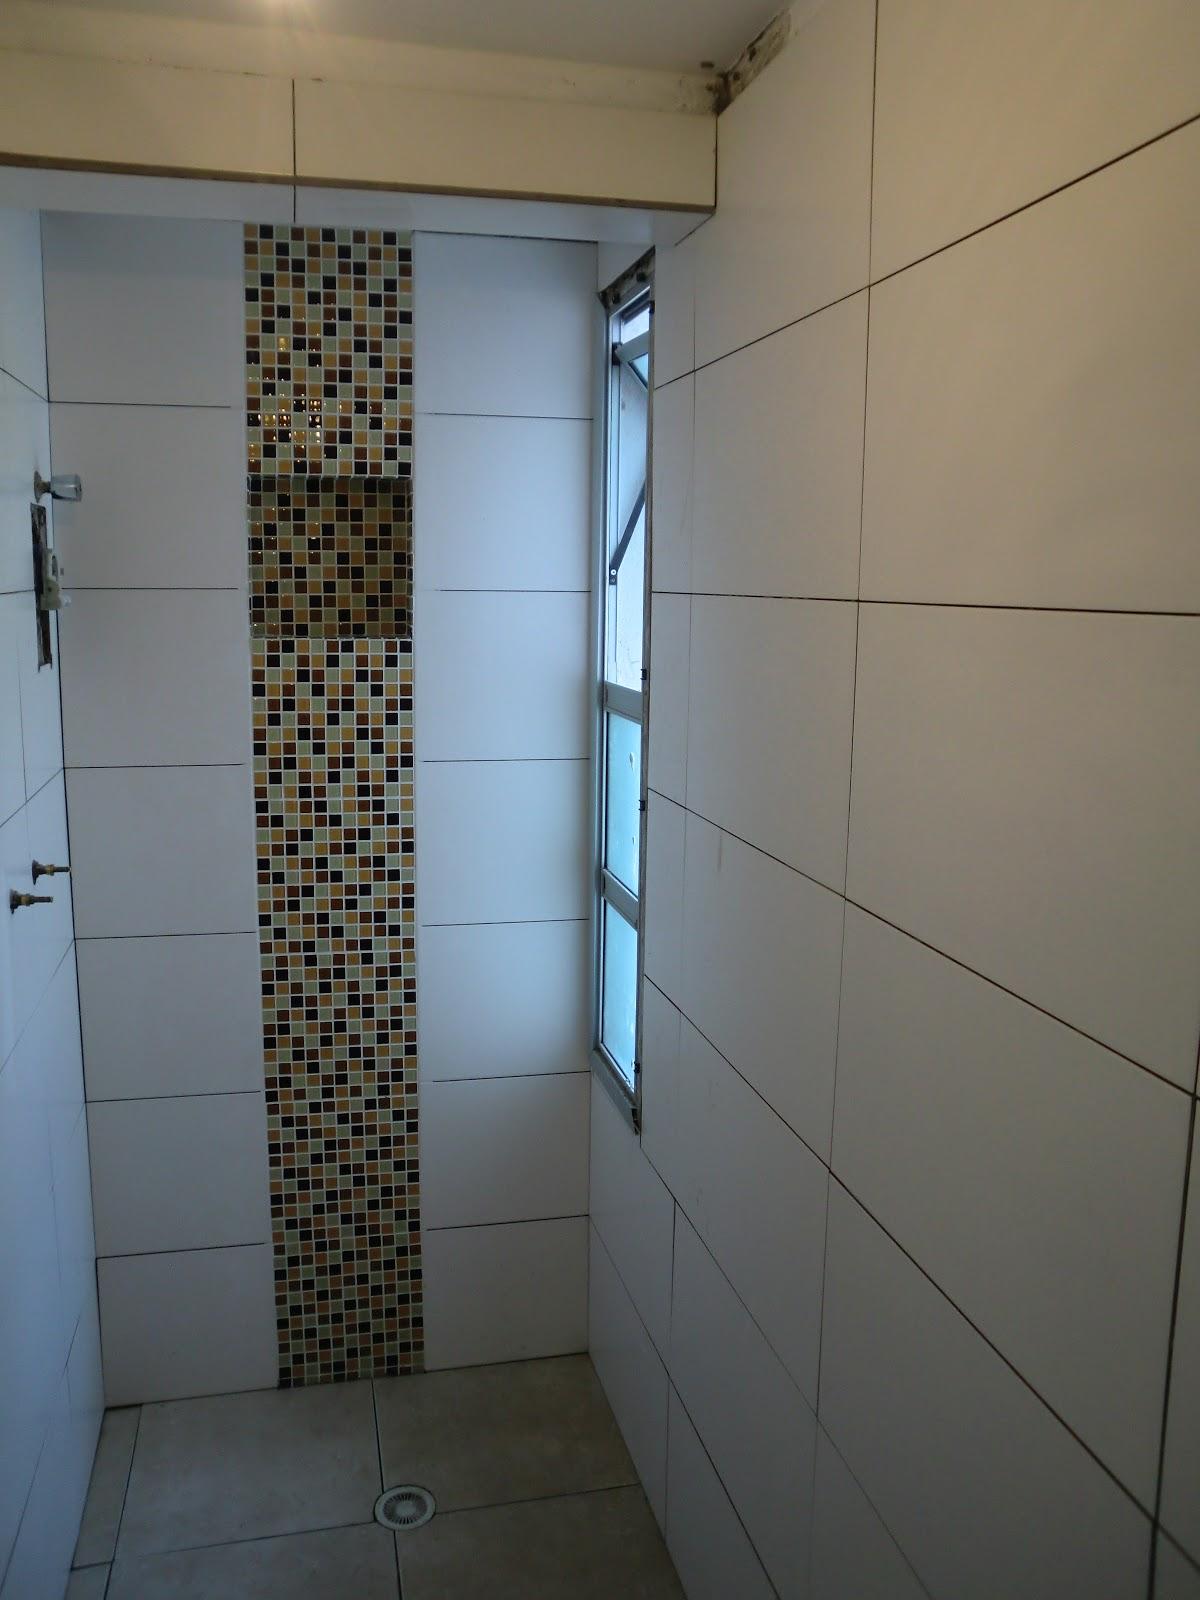 No final consegui cortar a abertura do nicho mas muito mais alta que  #0686C5 1200x1600 Banheiro Azulejo Pastilha